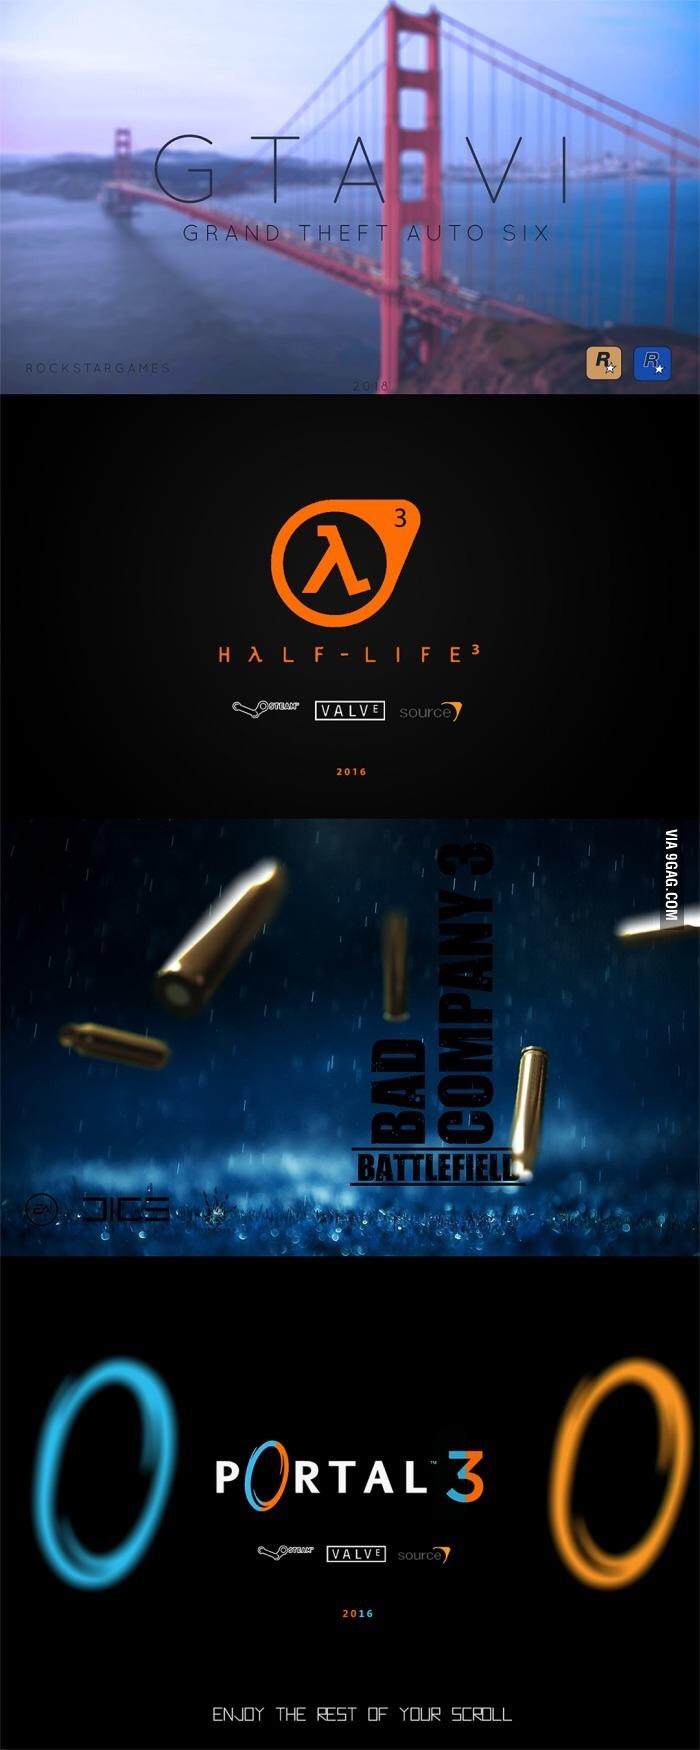 estos son los juegos que todo buen gamer esta esperando - meme